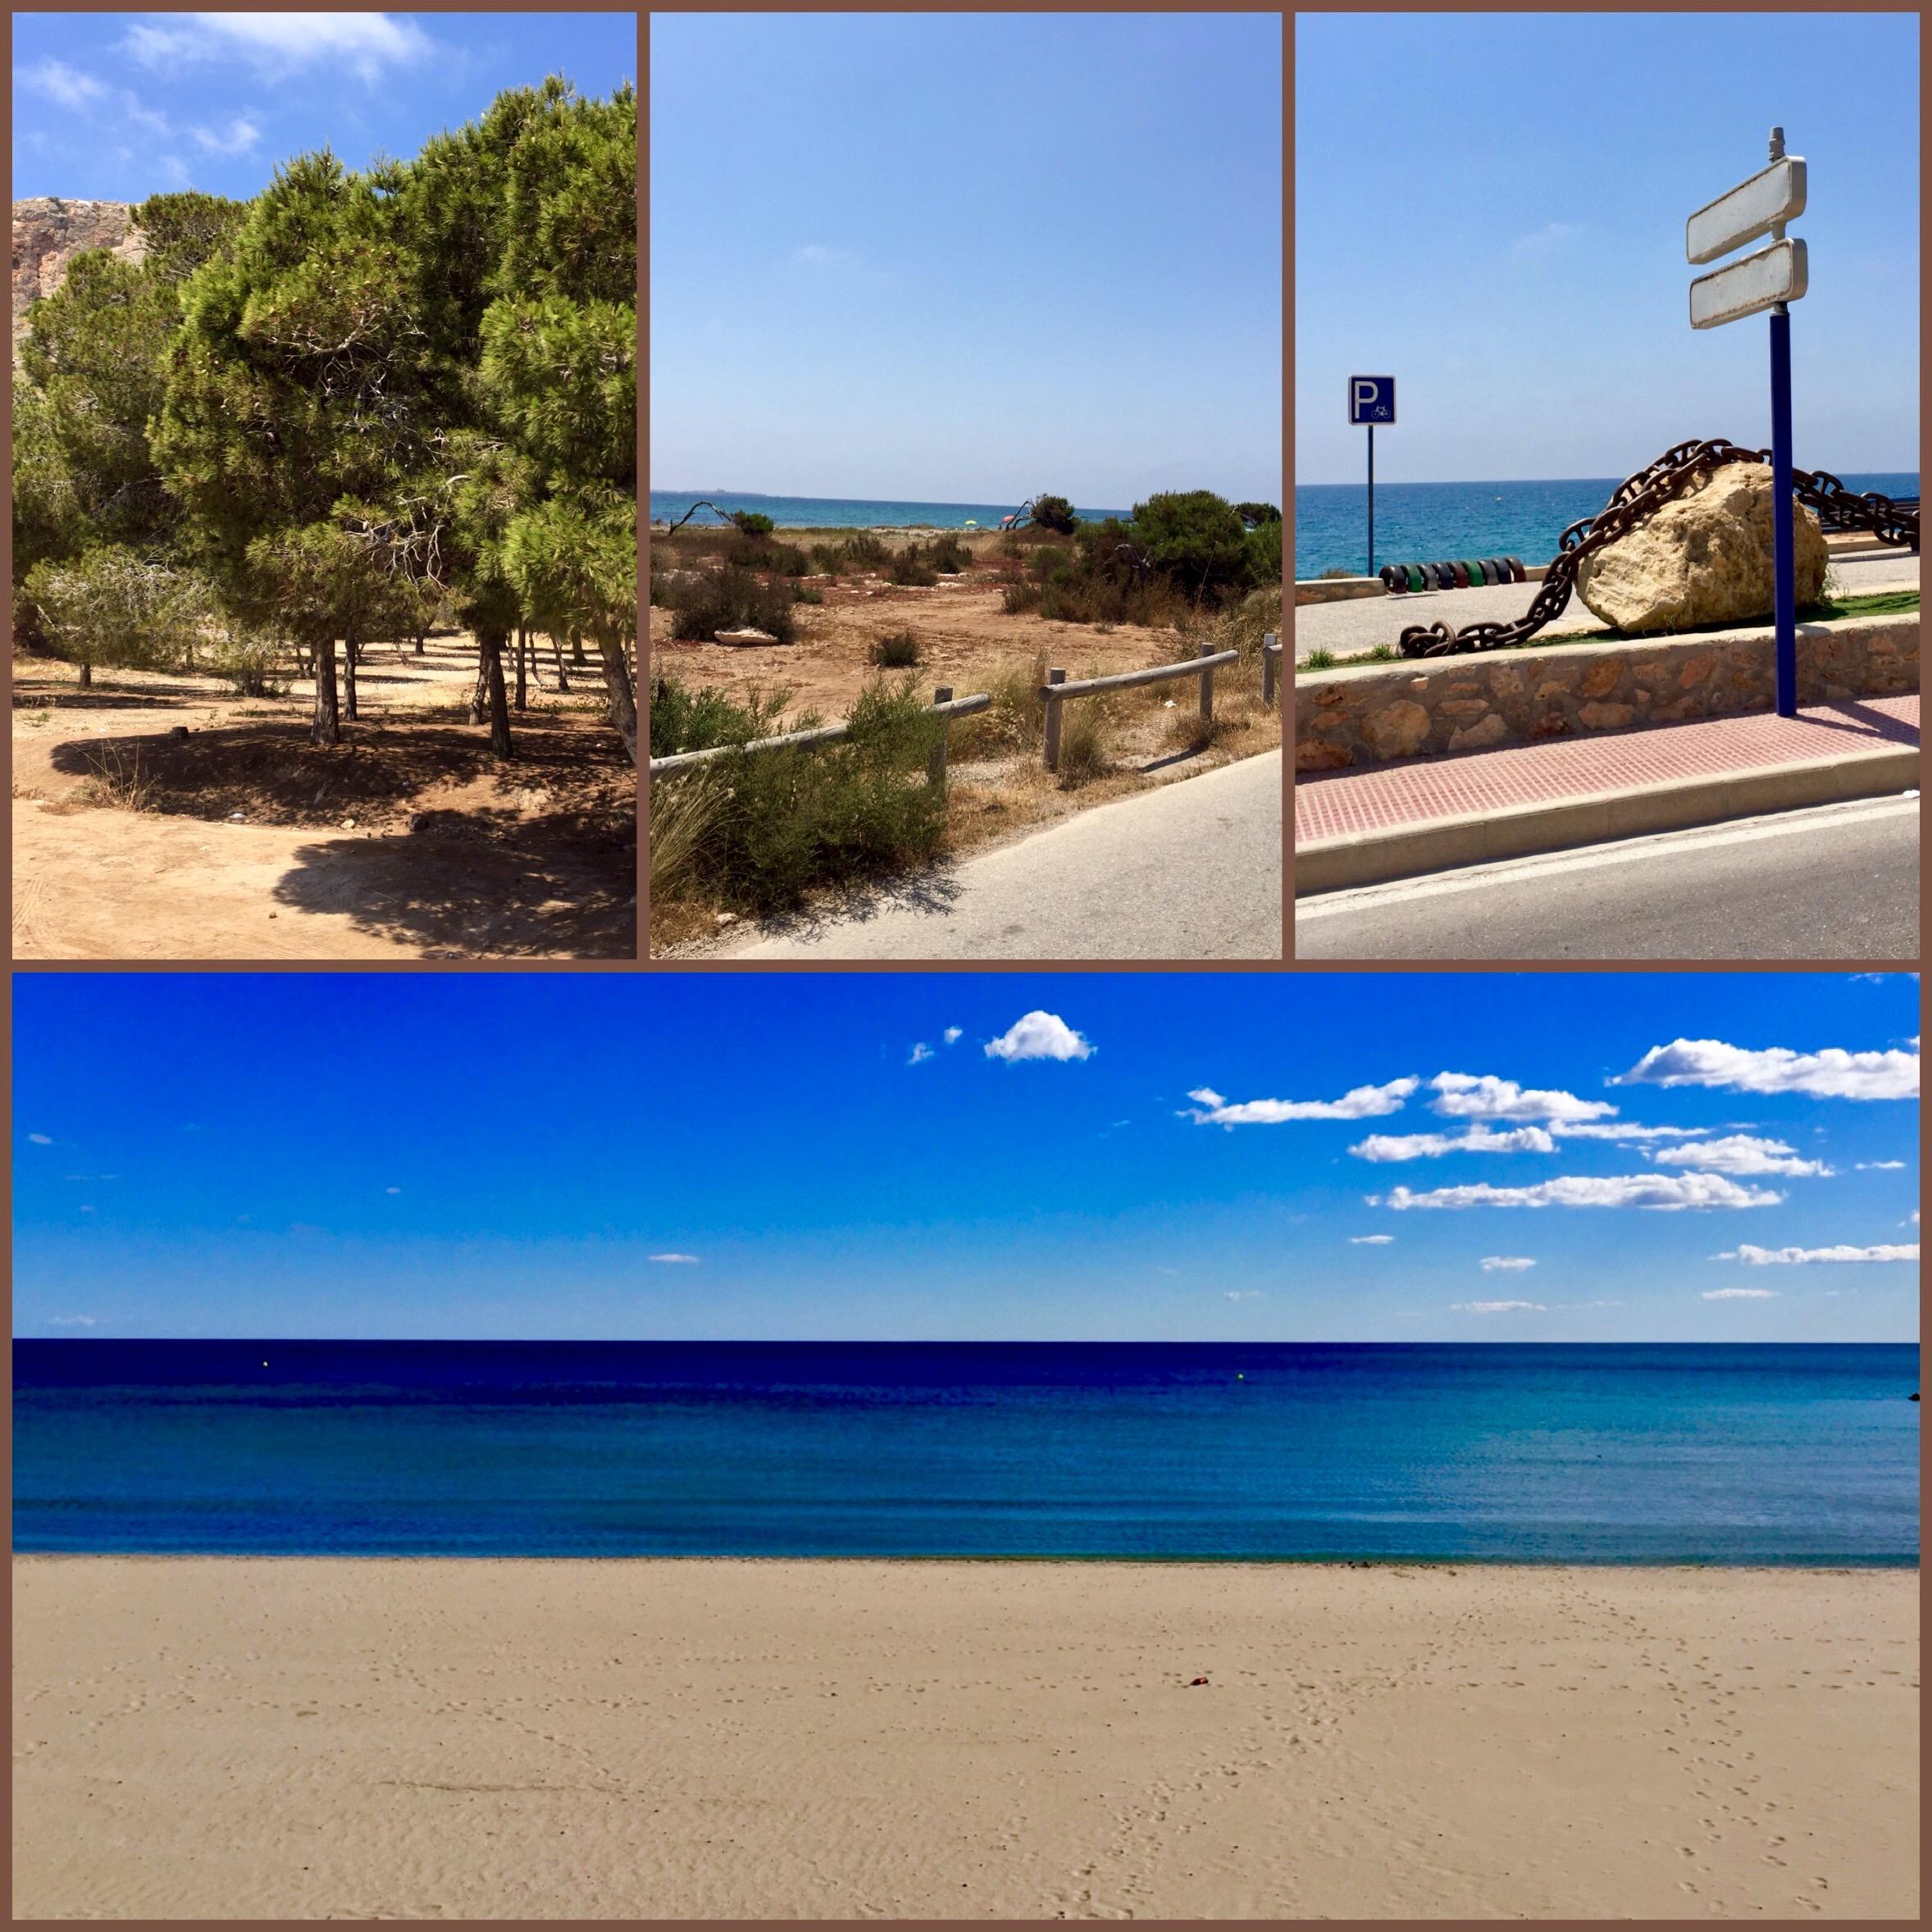 Excursión a Santa Pola, Alicante.